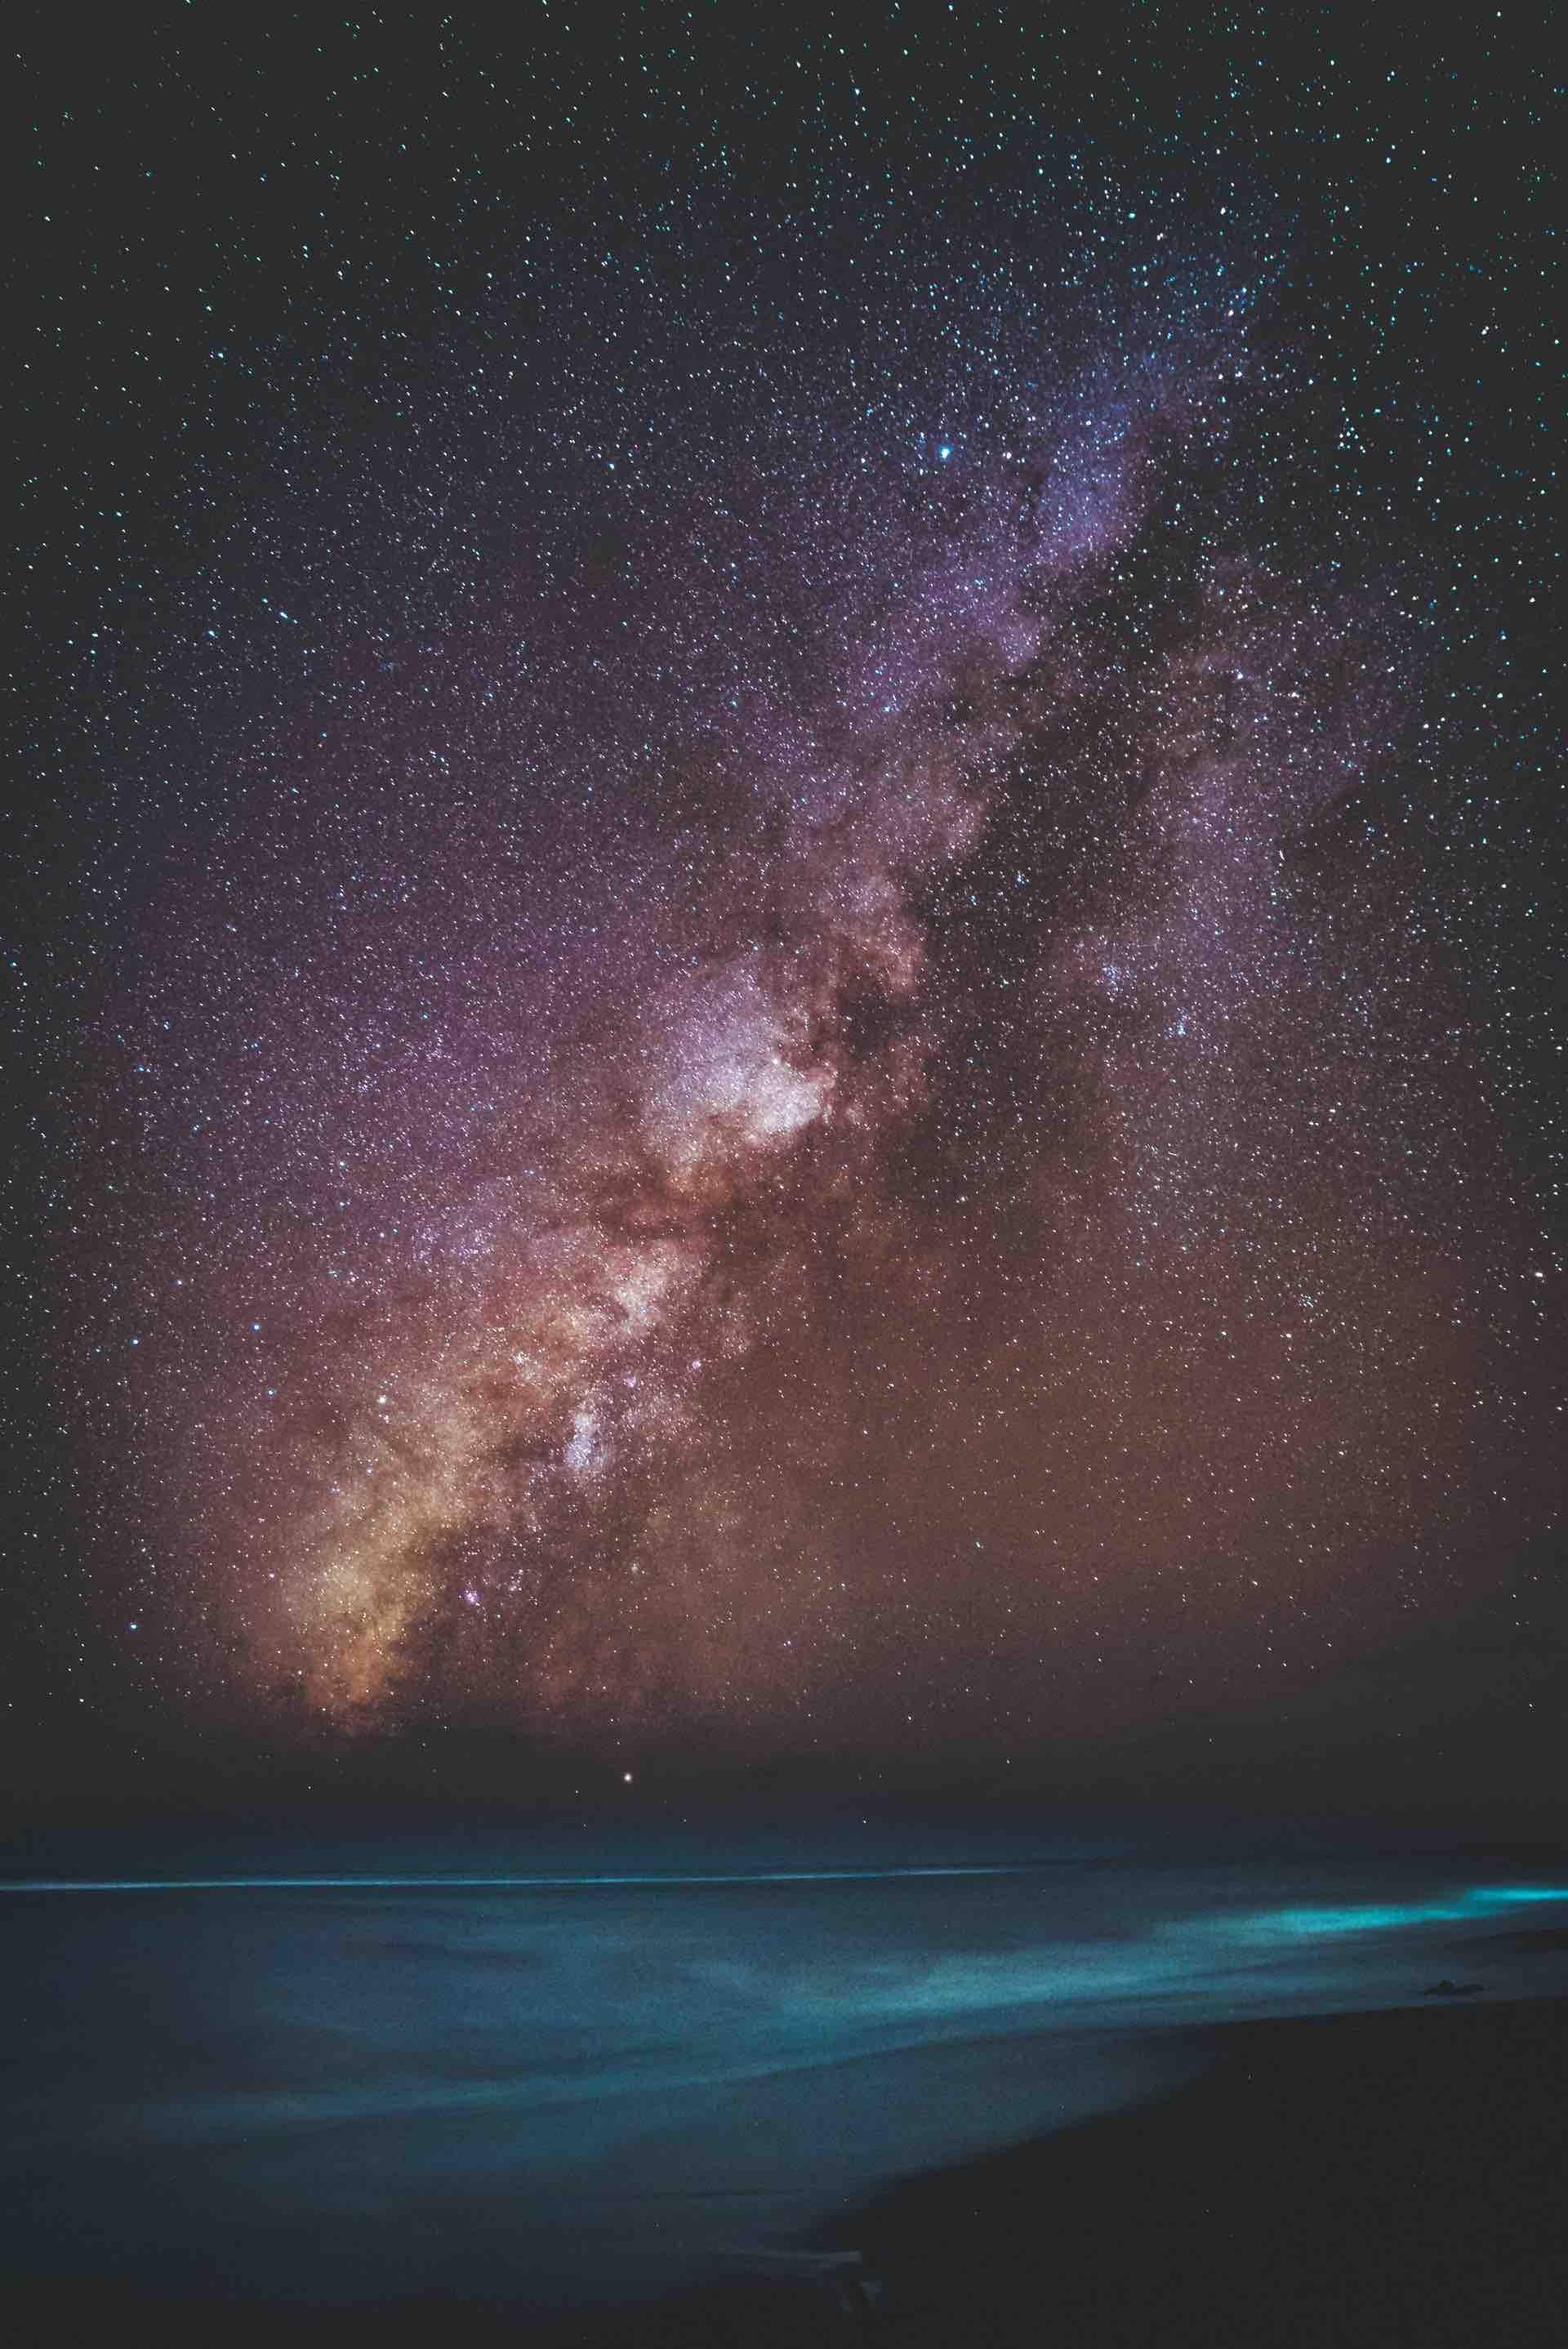 mer océan plage voie lactée étoile ciel